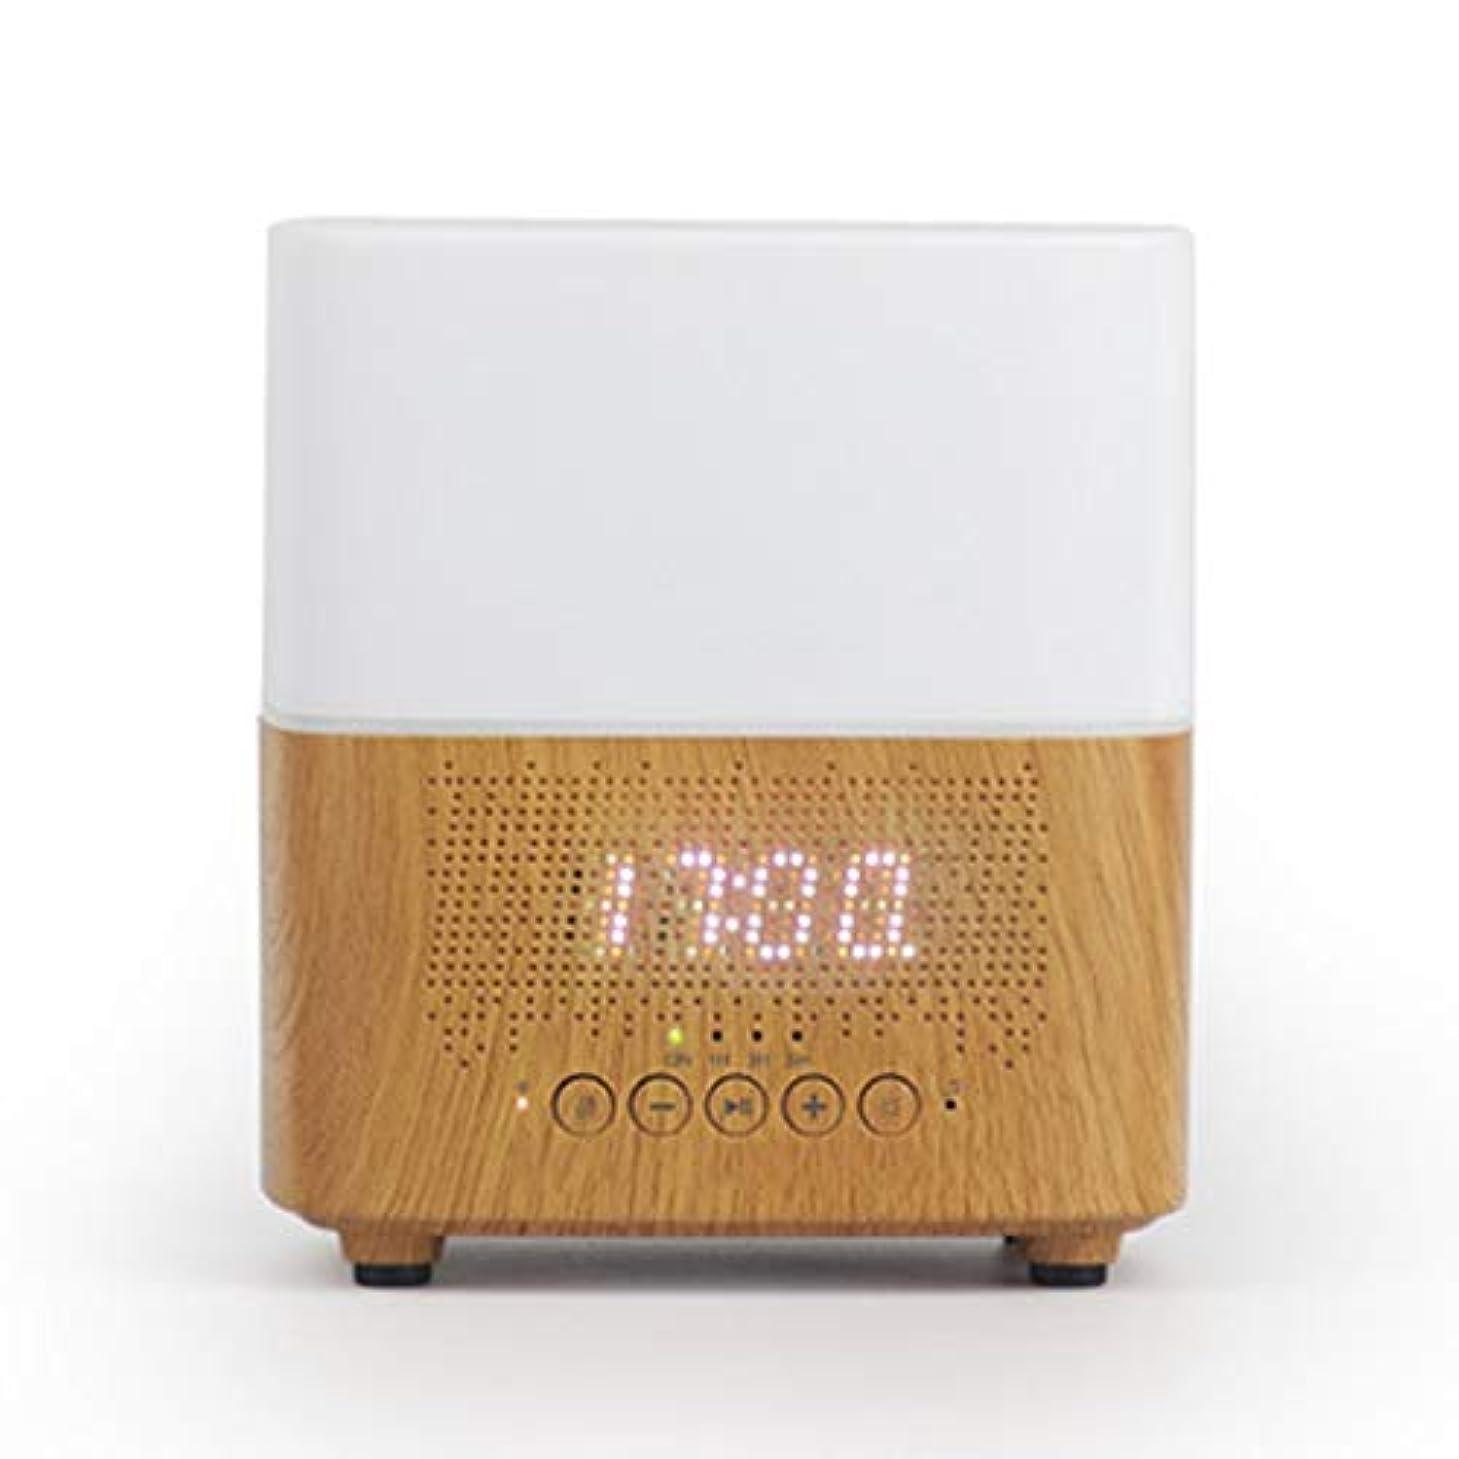 発掘かんがい日付ブルートゥースのスピーカー機械LED時計の目覚まし時計の夜ライト加湿器 (Color : White)